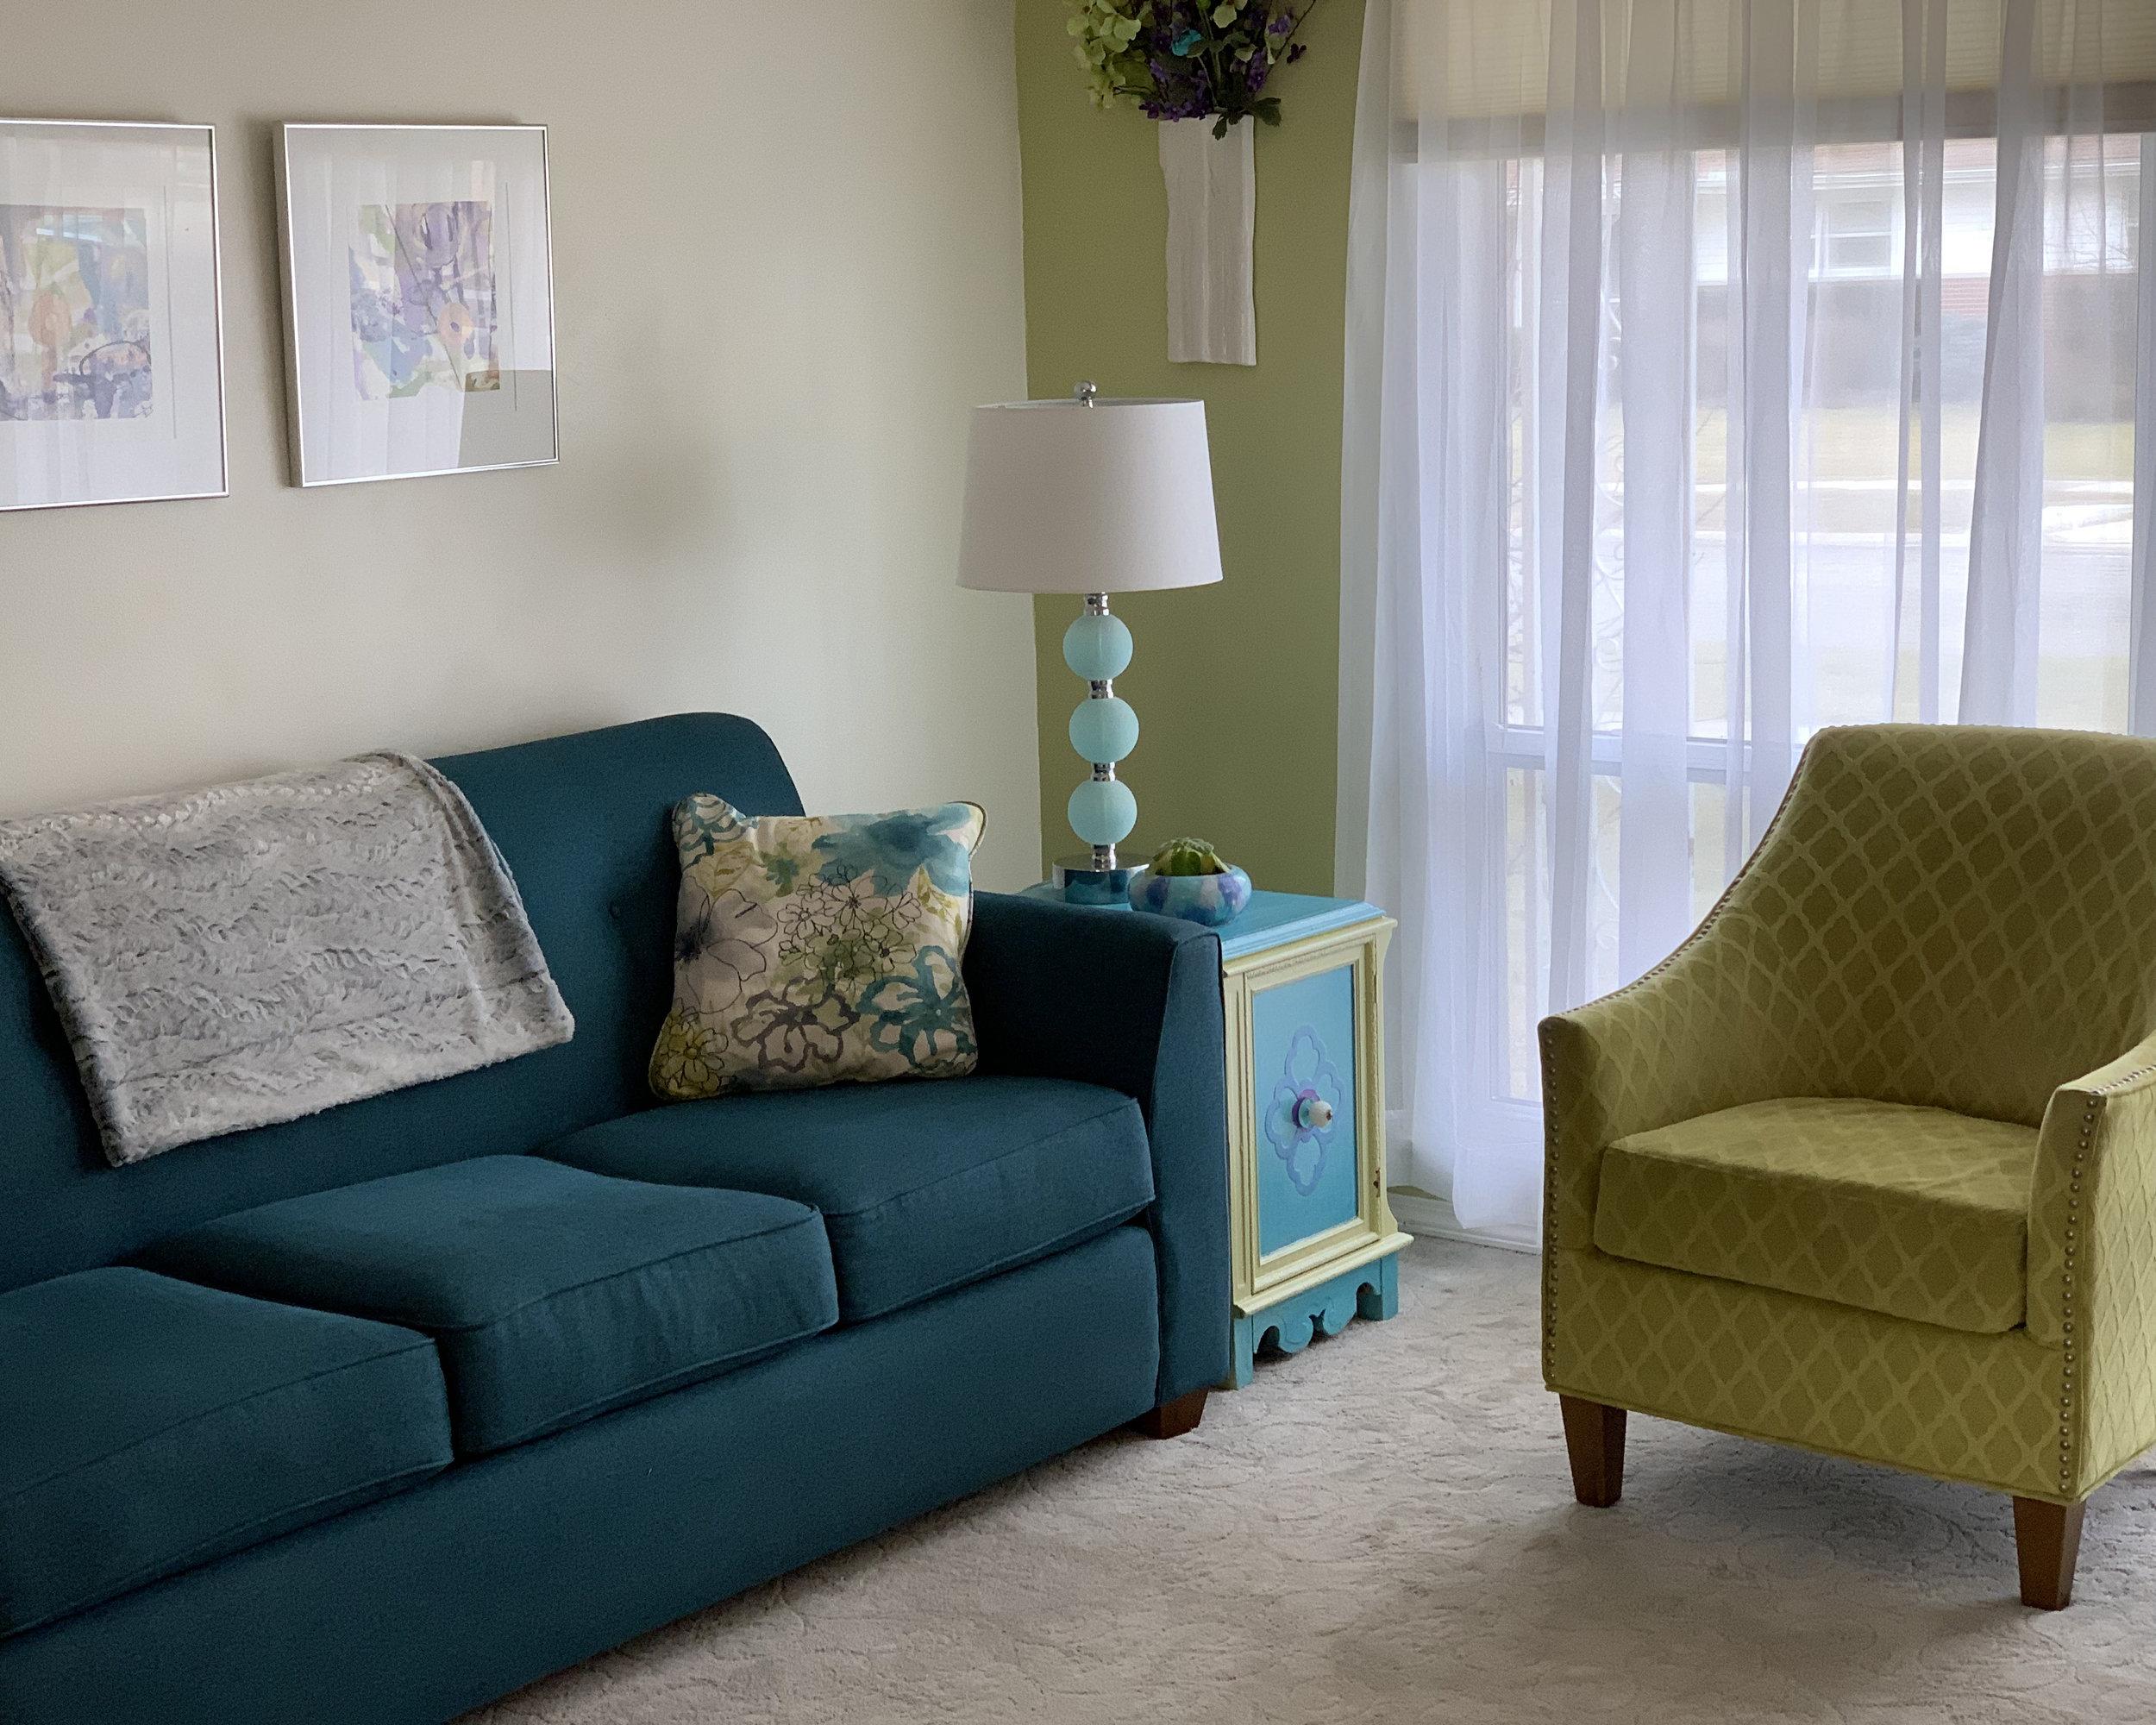 Eclectic Modern Living Room1.jpg